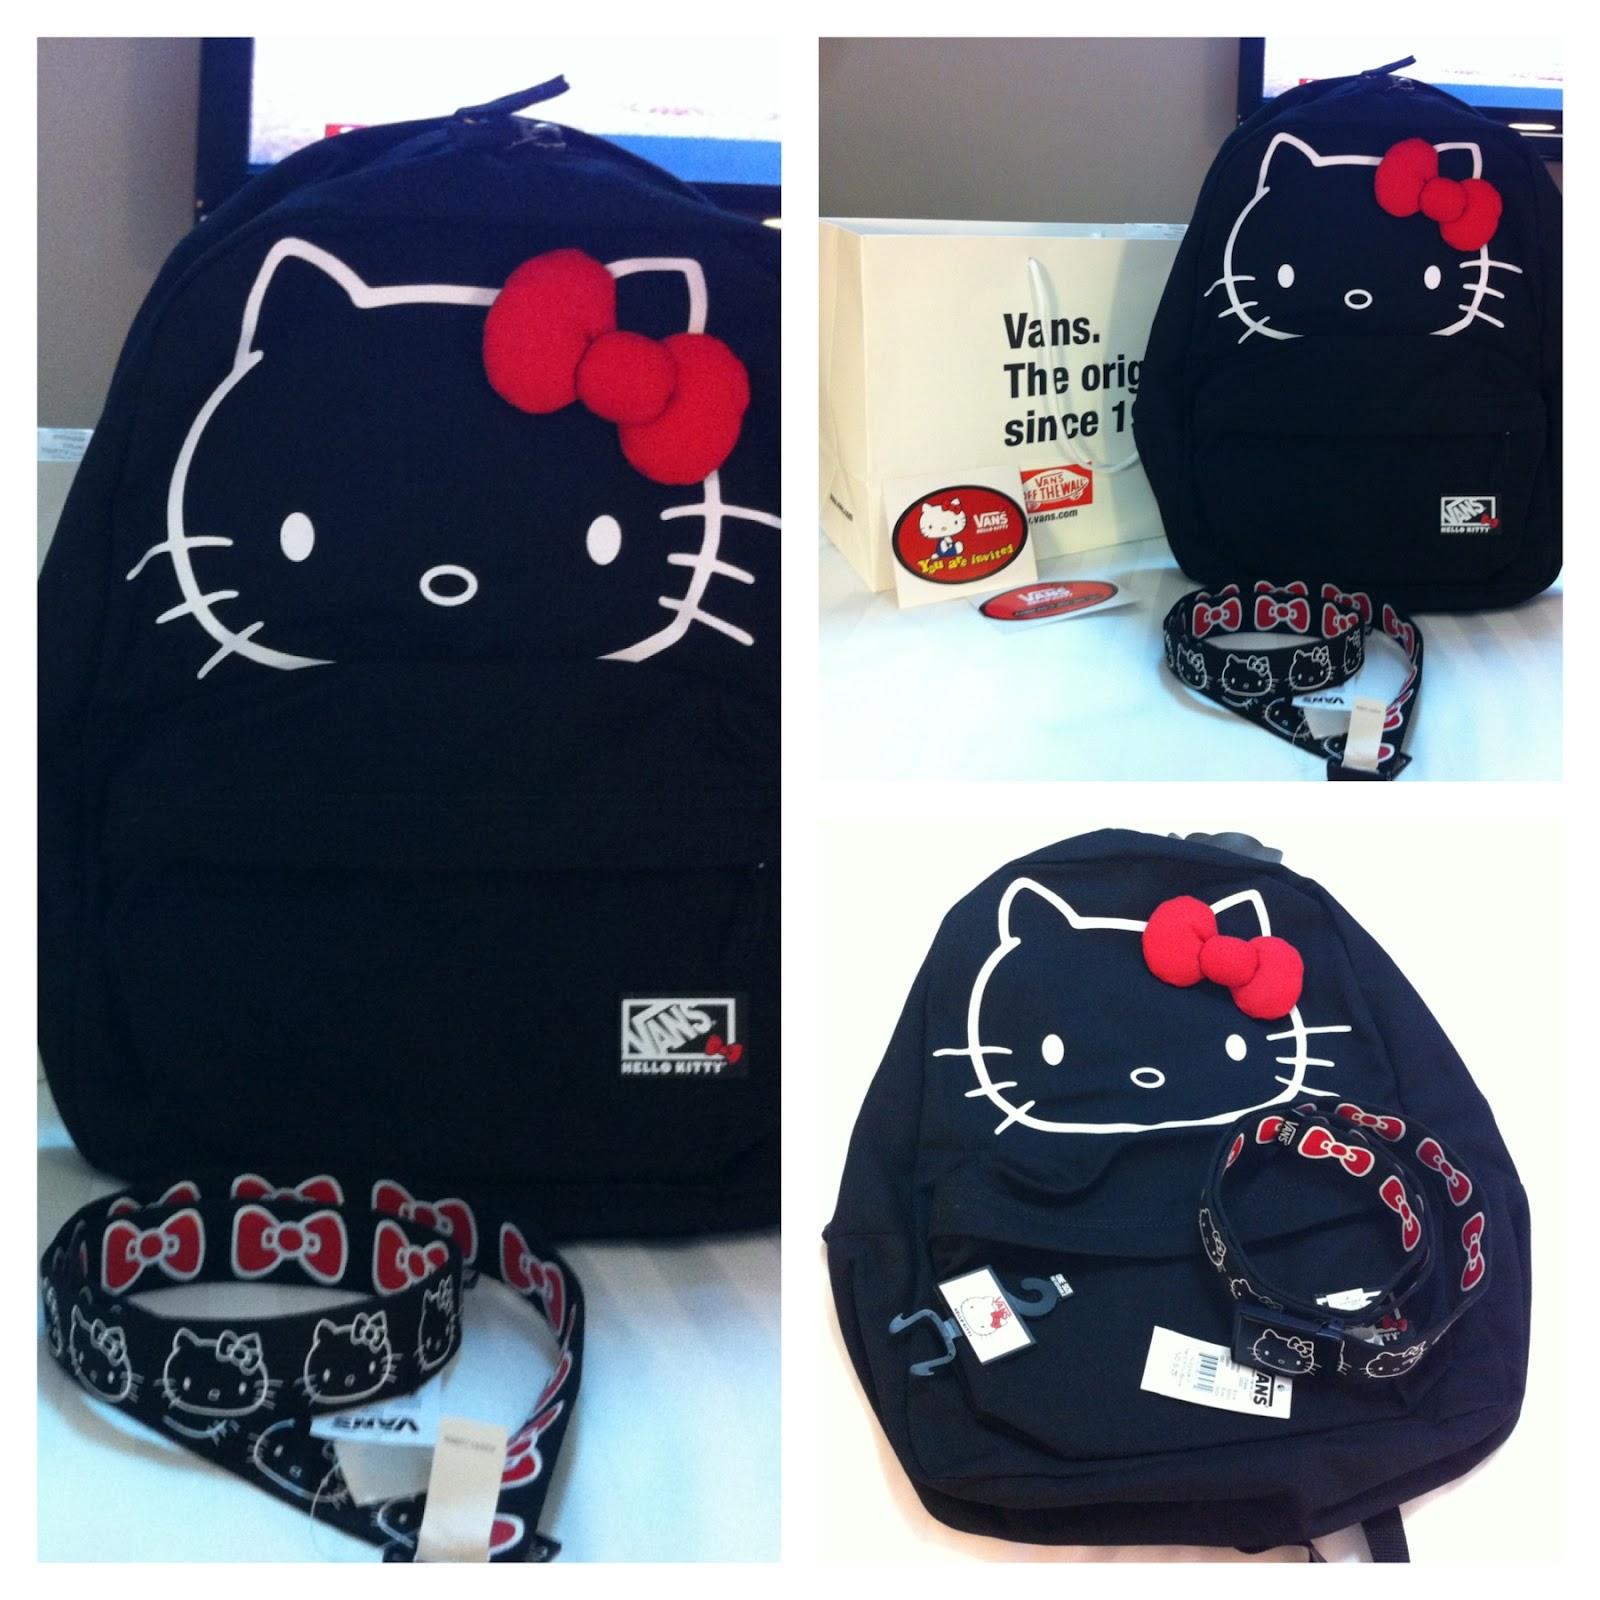 6b4ac60554cb pusang maganda  vans new hello kitty collection